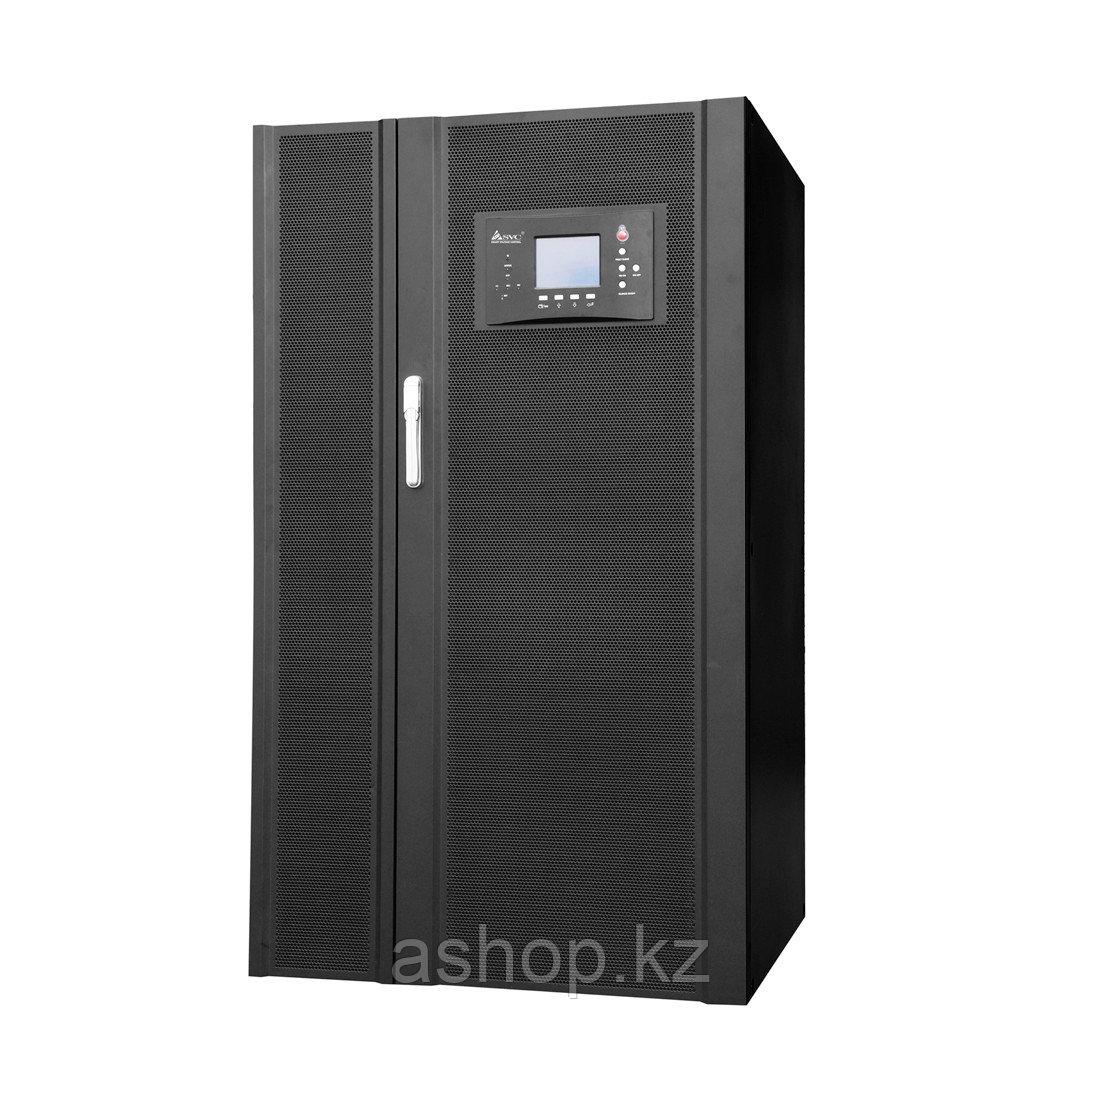 Инвертор SPV SPV-L-120000, Мощность нагрузки: 120 кВА, Питание: 380 В, 50 Гц, Выход: 380 В, Клемма, Чёрный